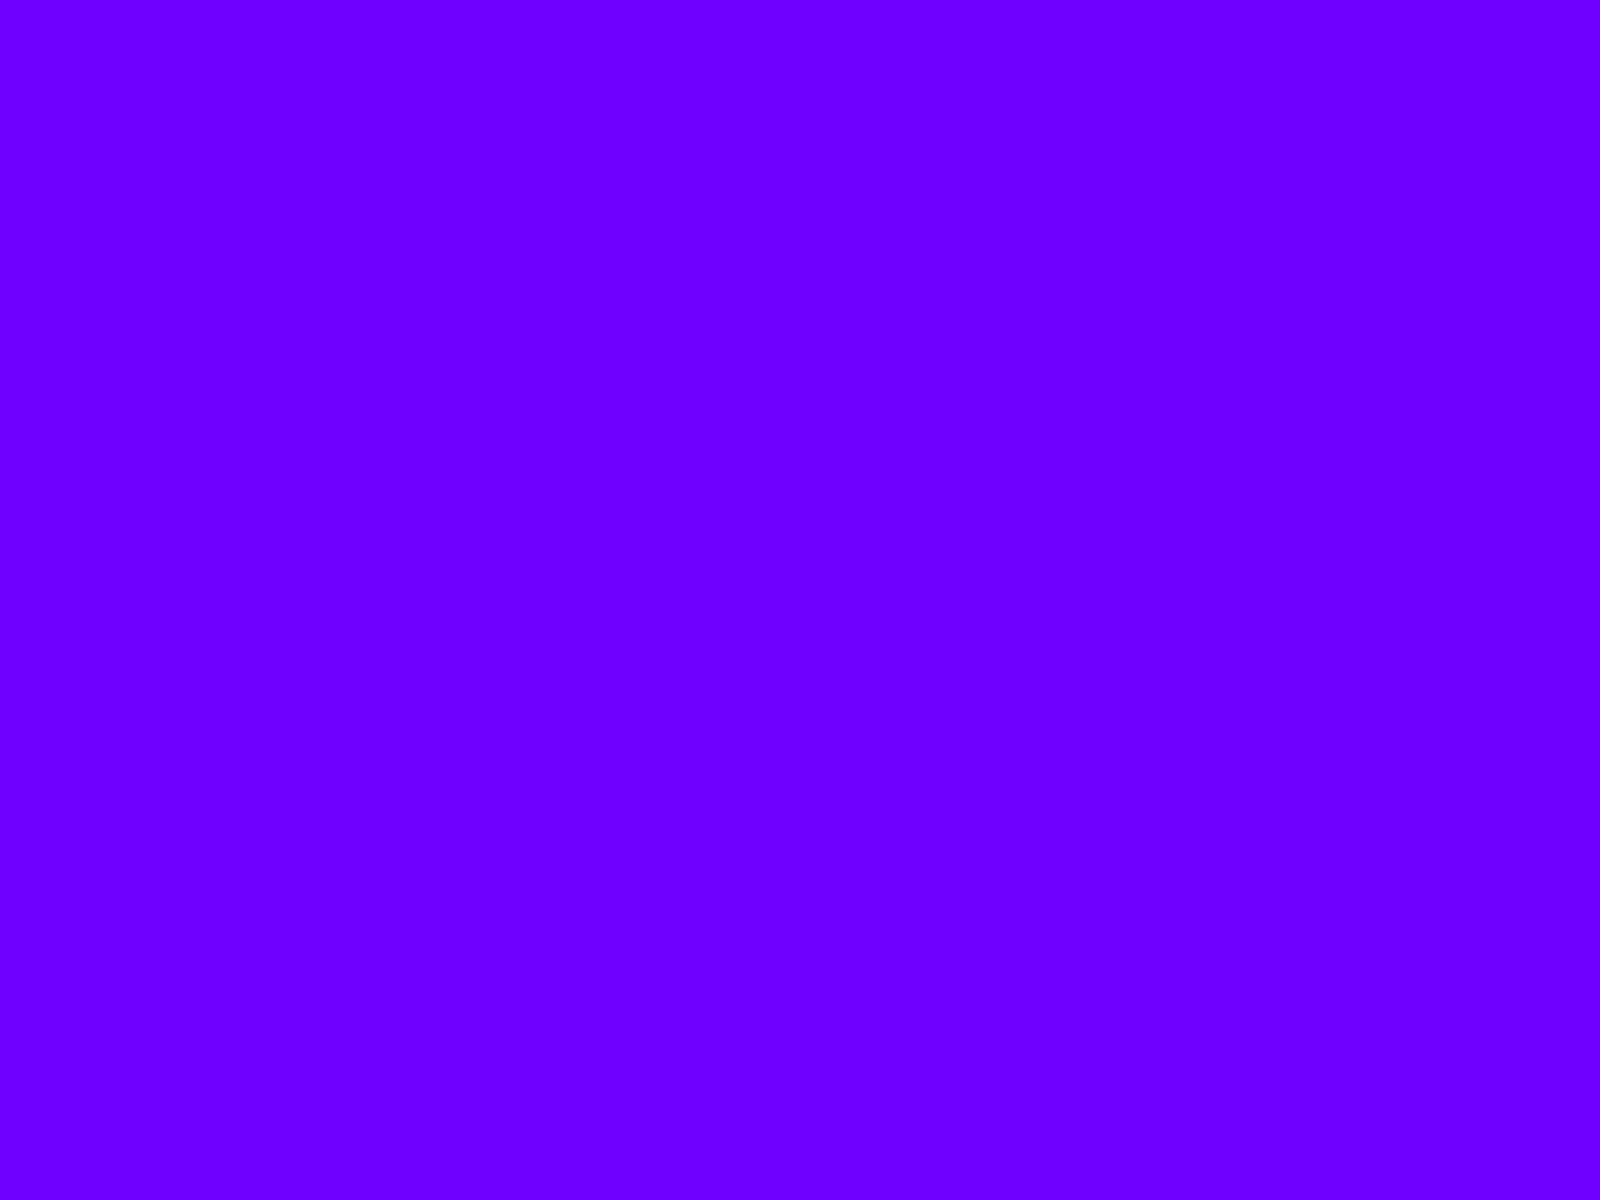 1600x1200 Indigo Solid Color Background